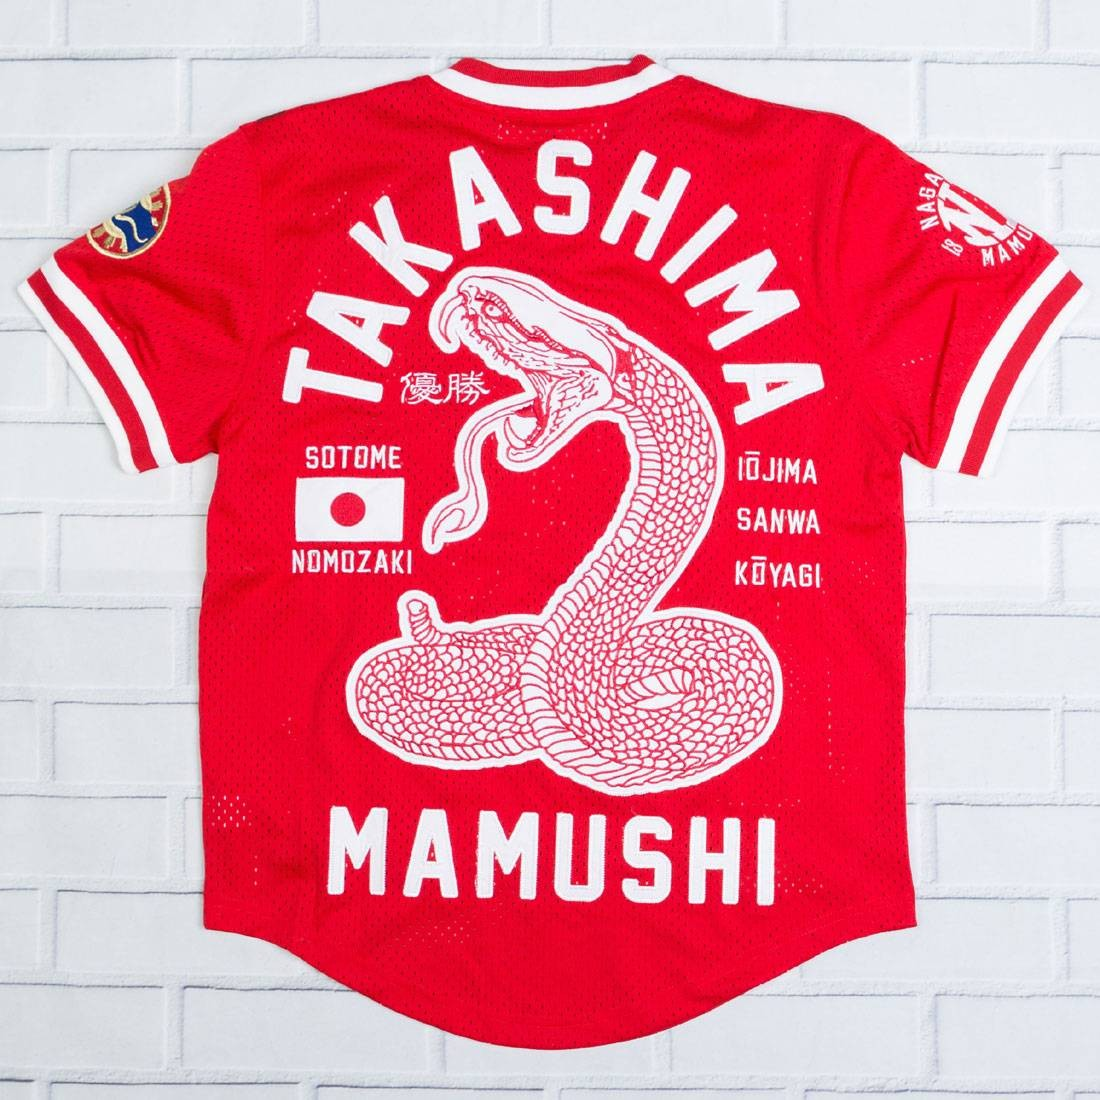 ジャージ 【 IRO OCHI MEN NAGASAKI MAMUSHI AWAY JERSEY RED 】 メンズファッション トップス Tシャツ カットソー 送料無料